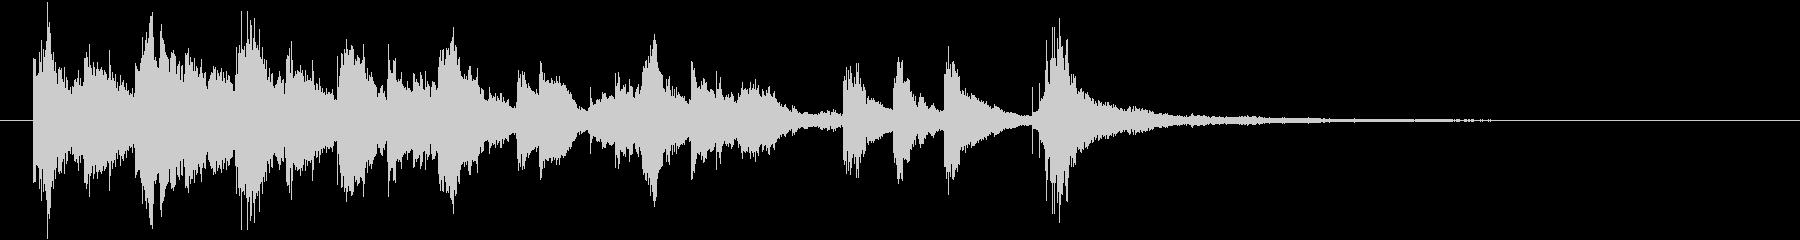 可愛らしいジングル、アイキャッチ 04の未再生の波形